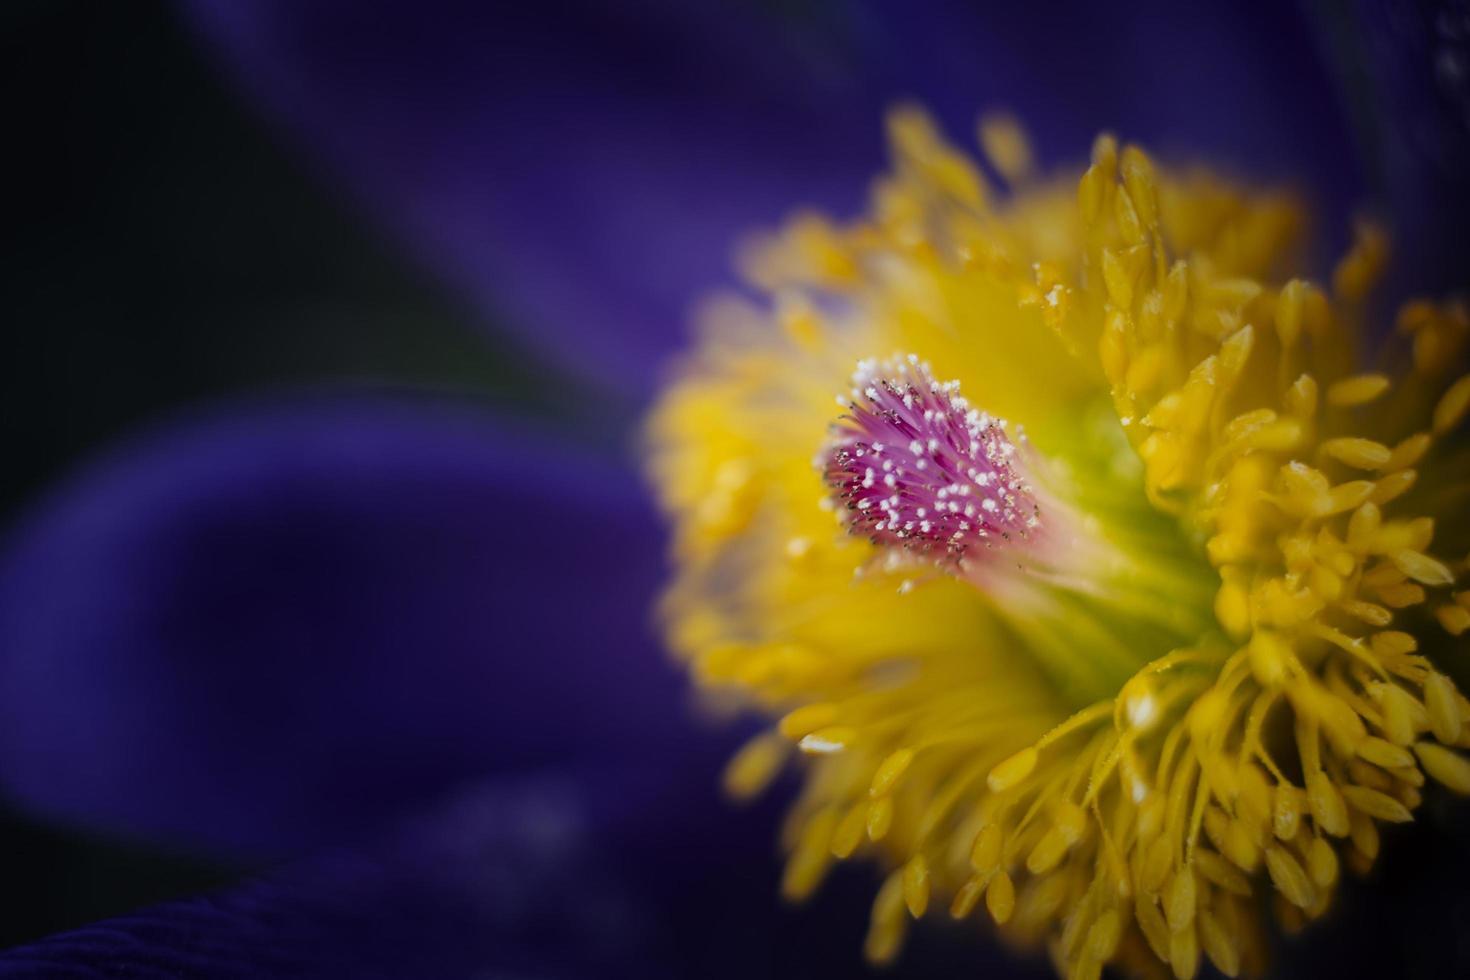 gelbe und blaue Blume foto